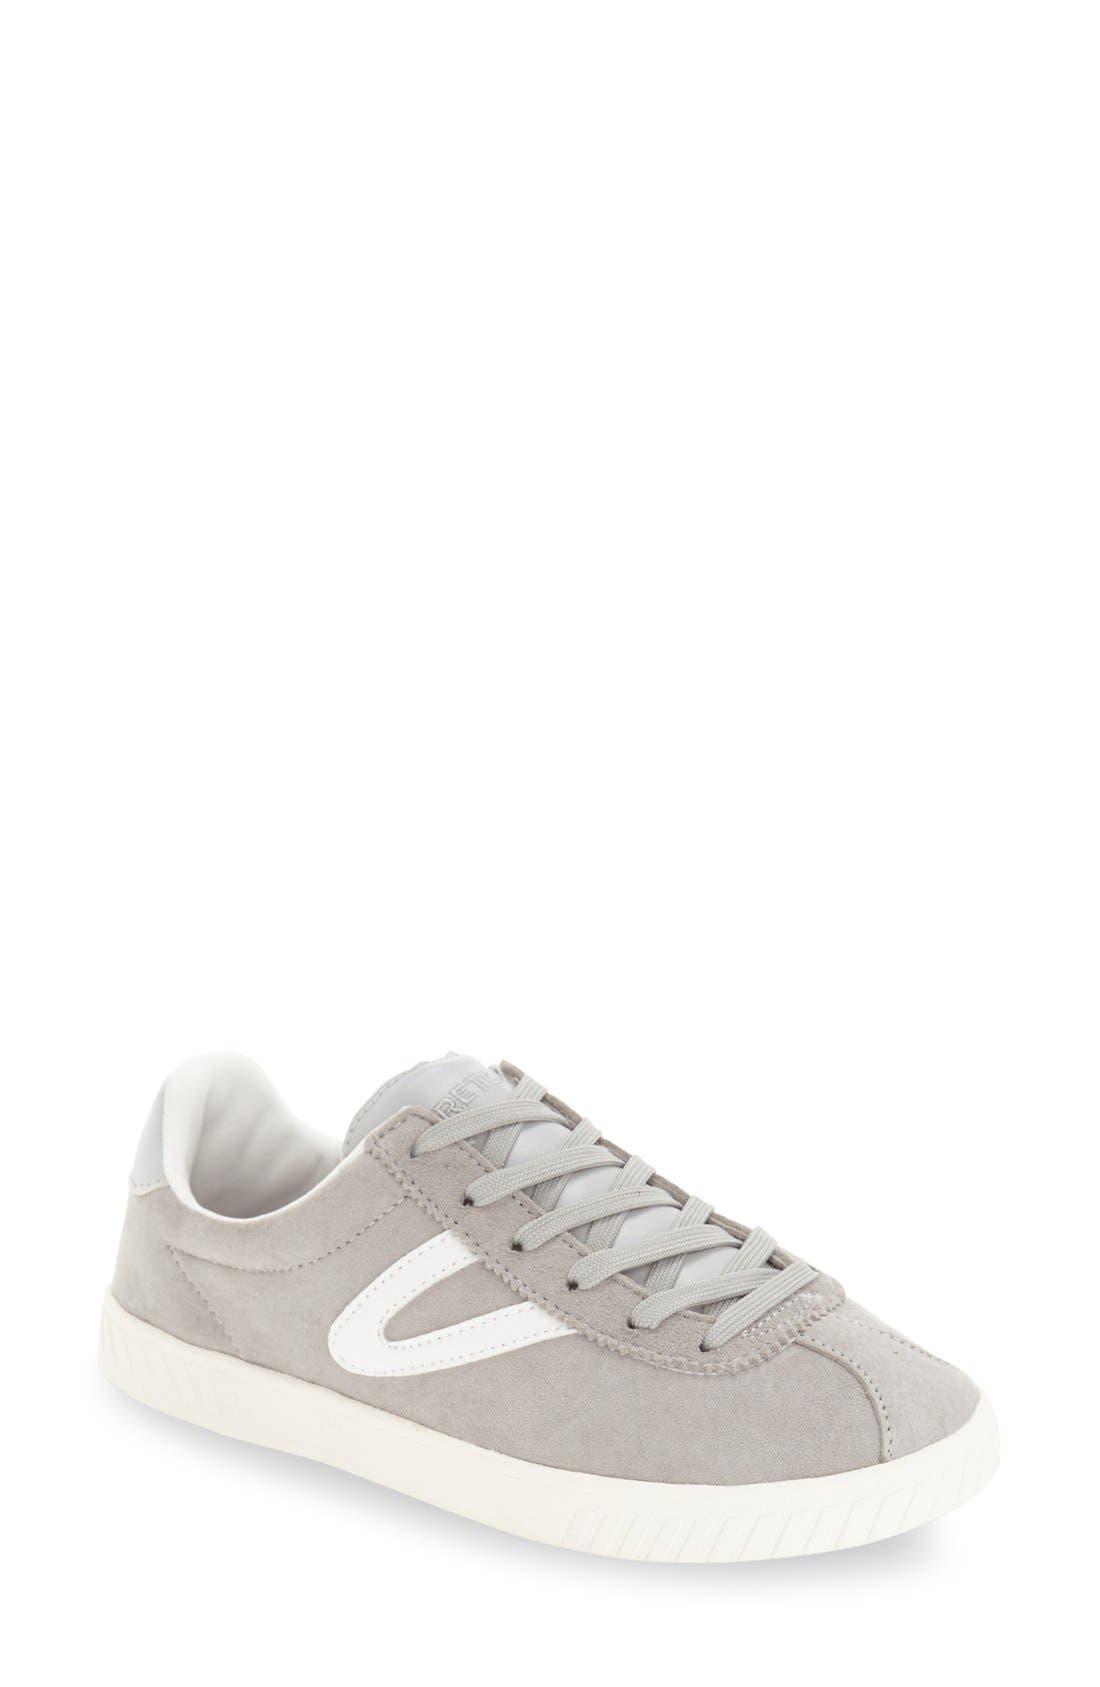 Alternate Image 1 Selected - Tretorn 'Camden 3' Sneaker (Women)